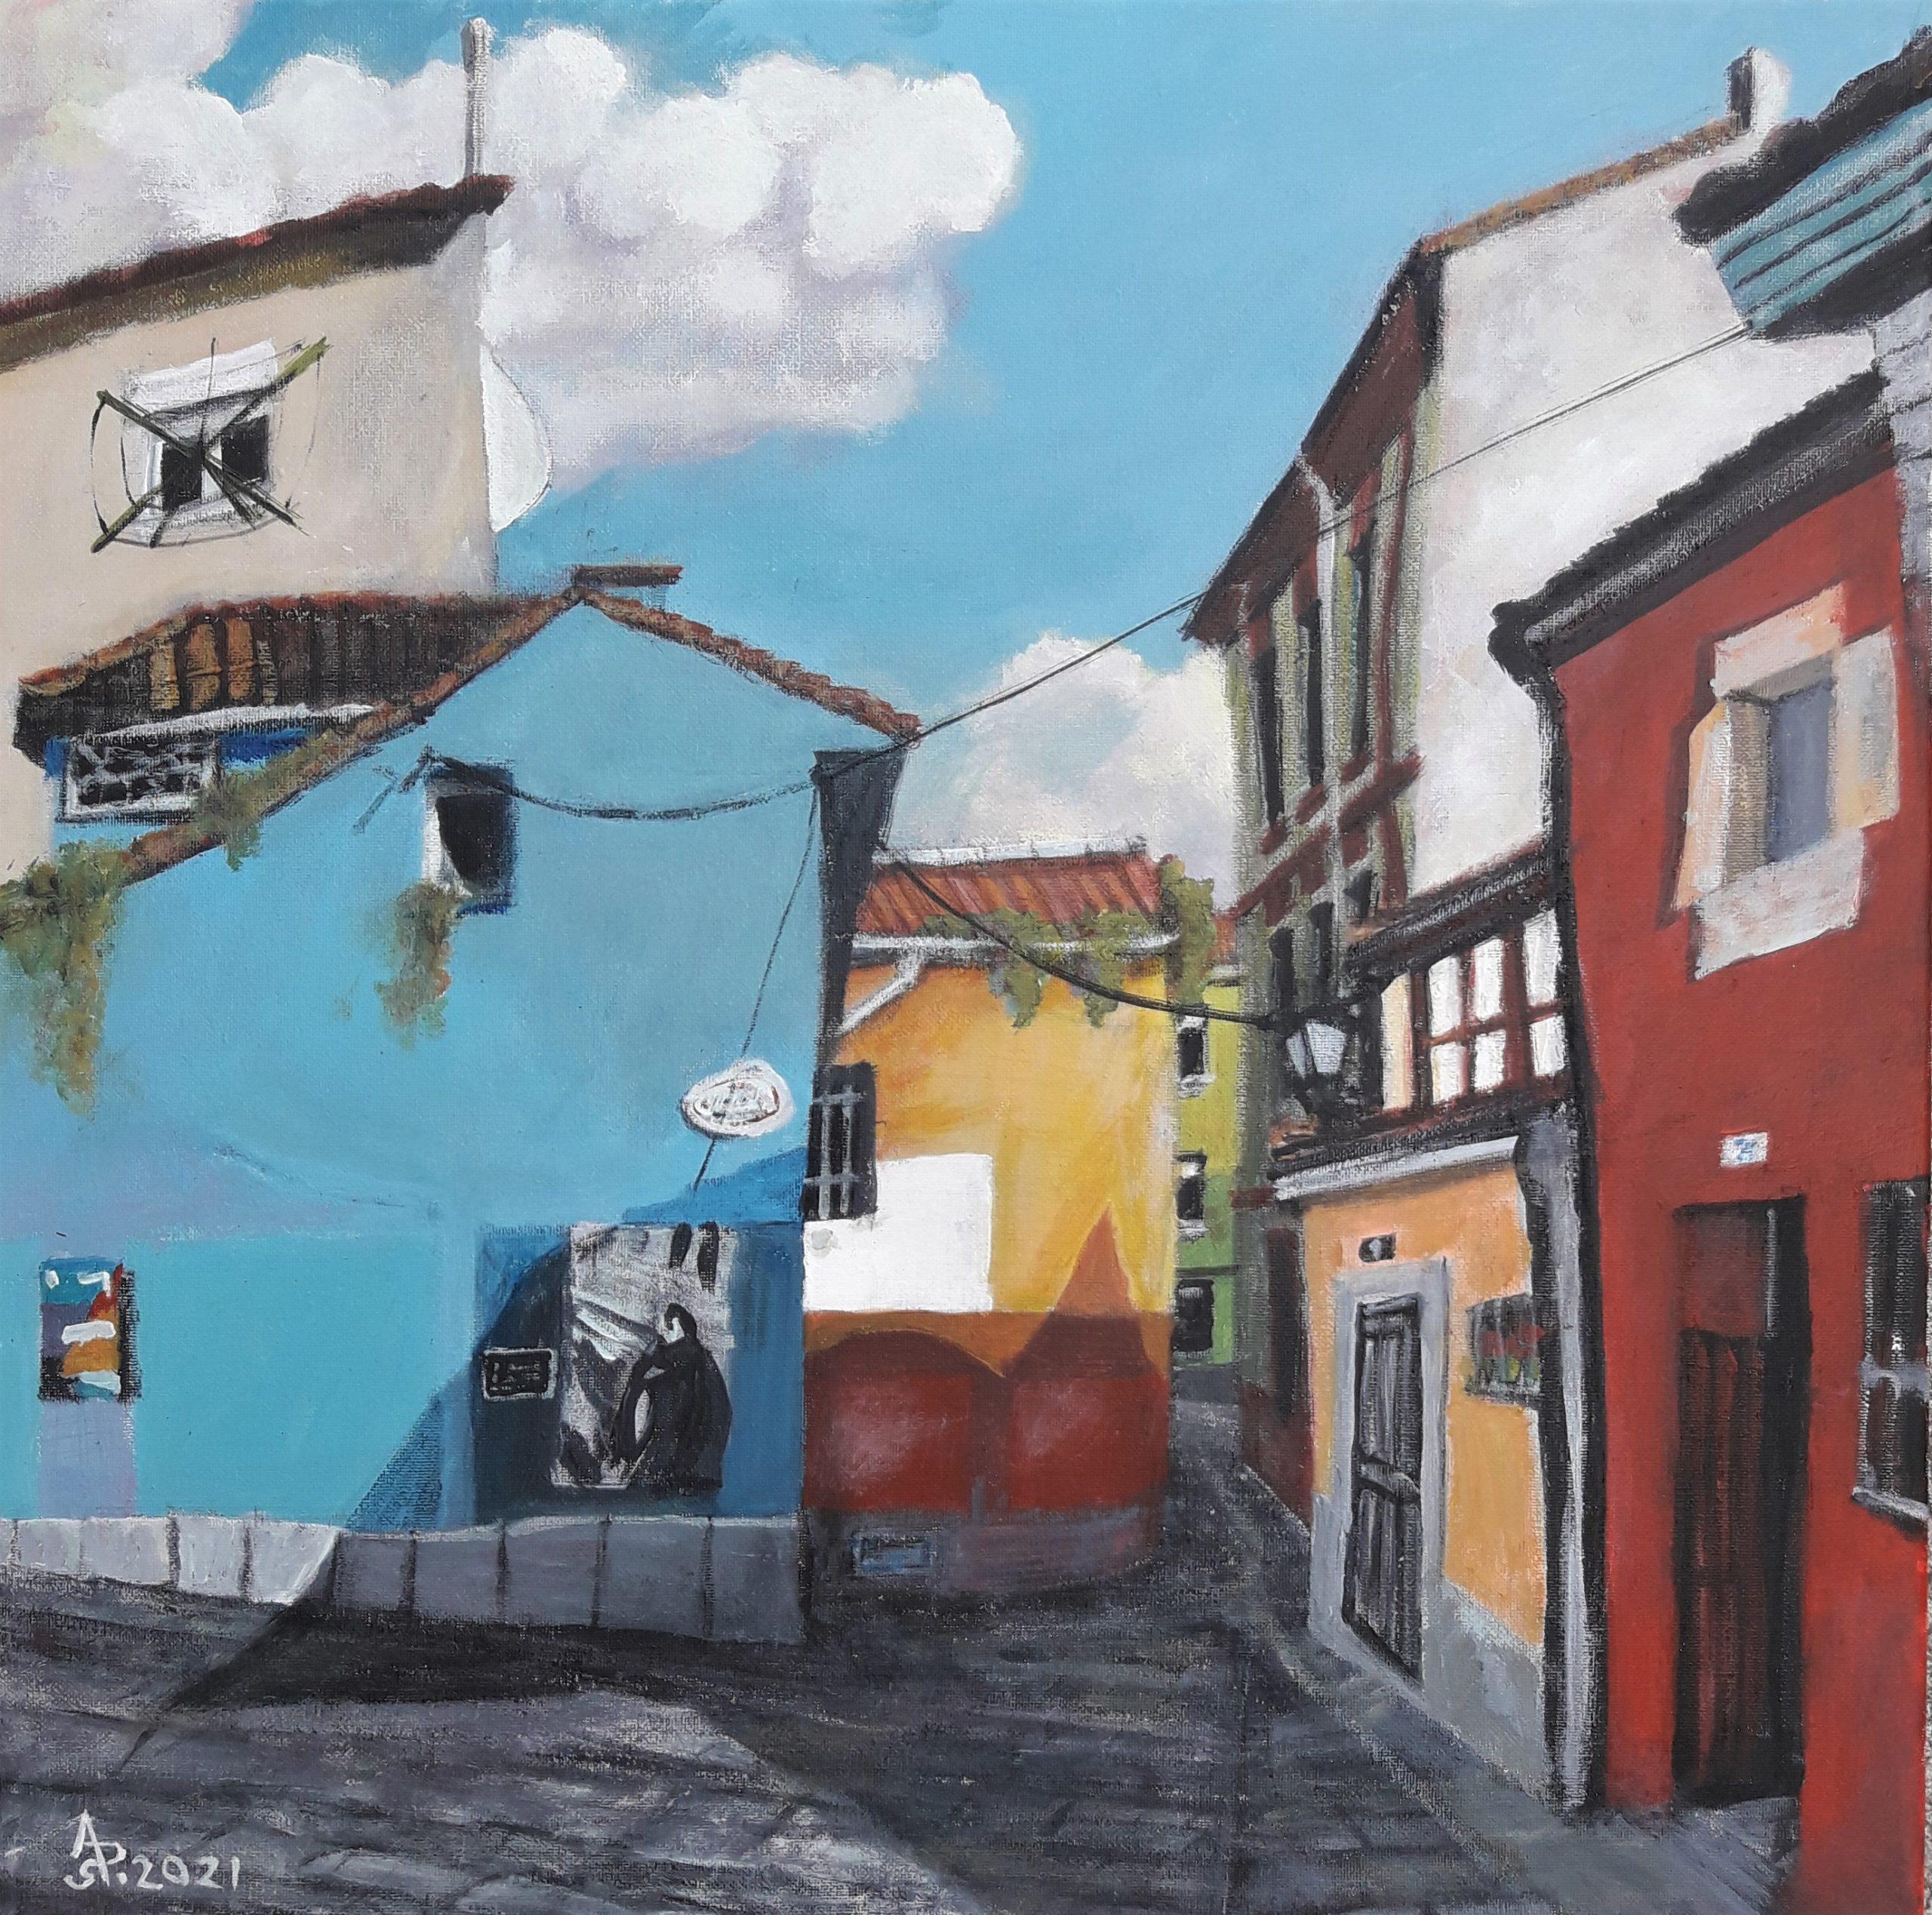 Gijón/Xixón. Calle Atocha, Cimavailla. Acrílico sobre lienzo, 50 x 50 cm. 2021.